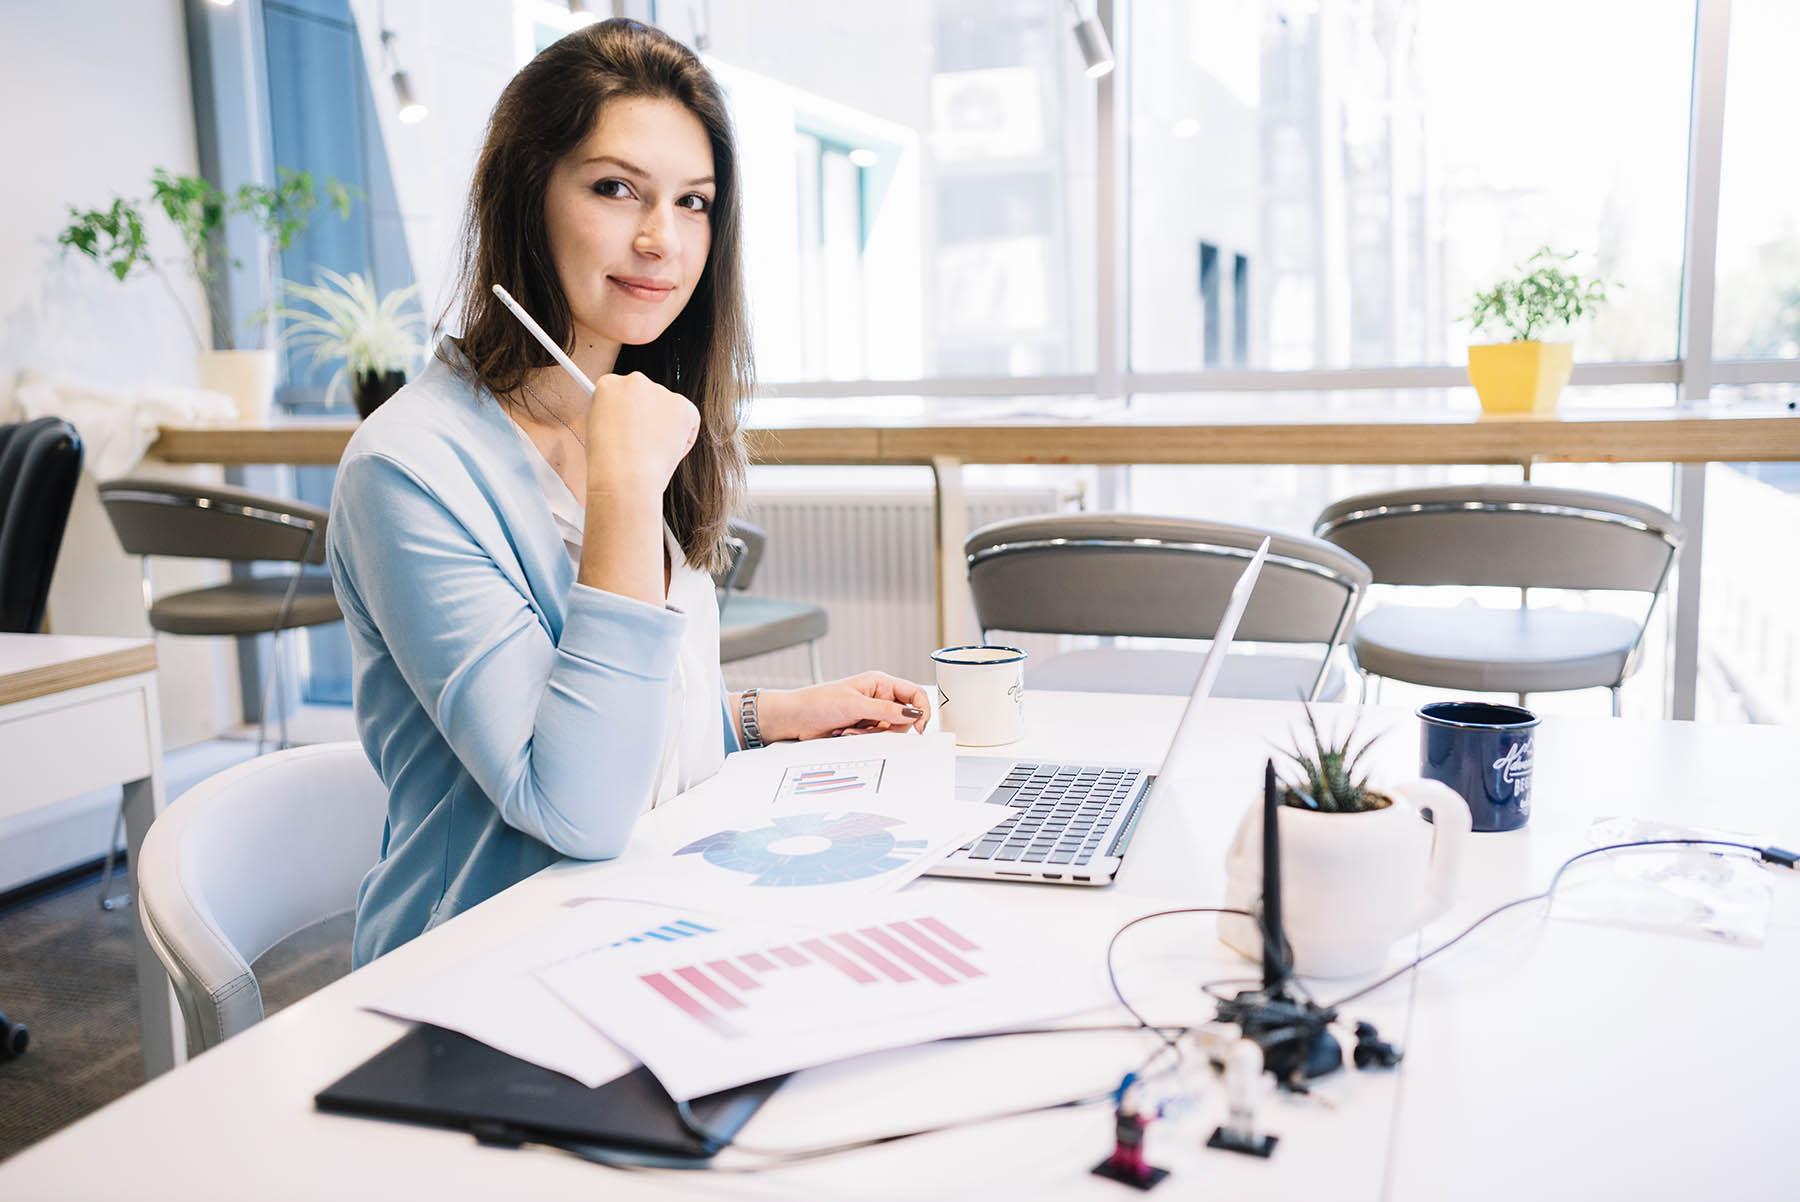 candor pulizie brescia ambiente di lavoro